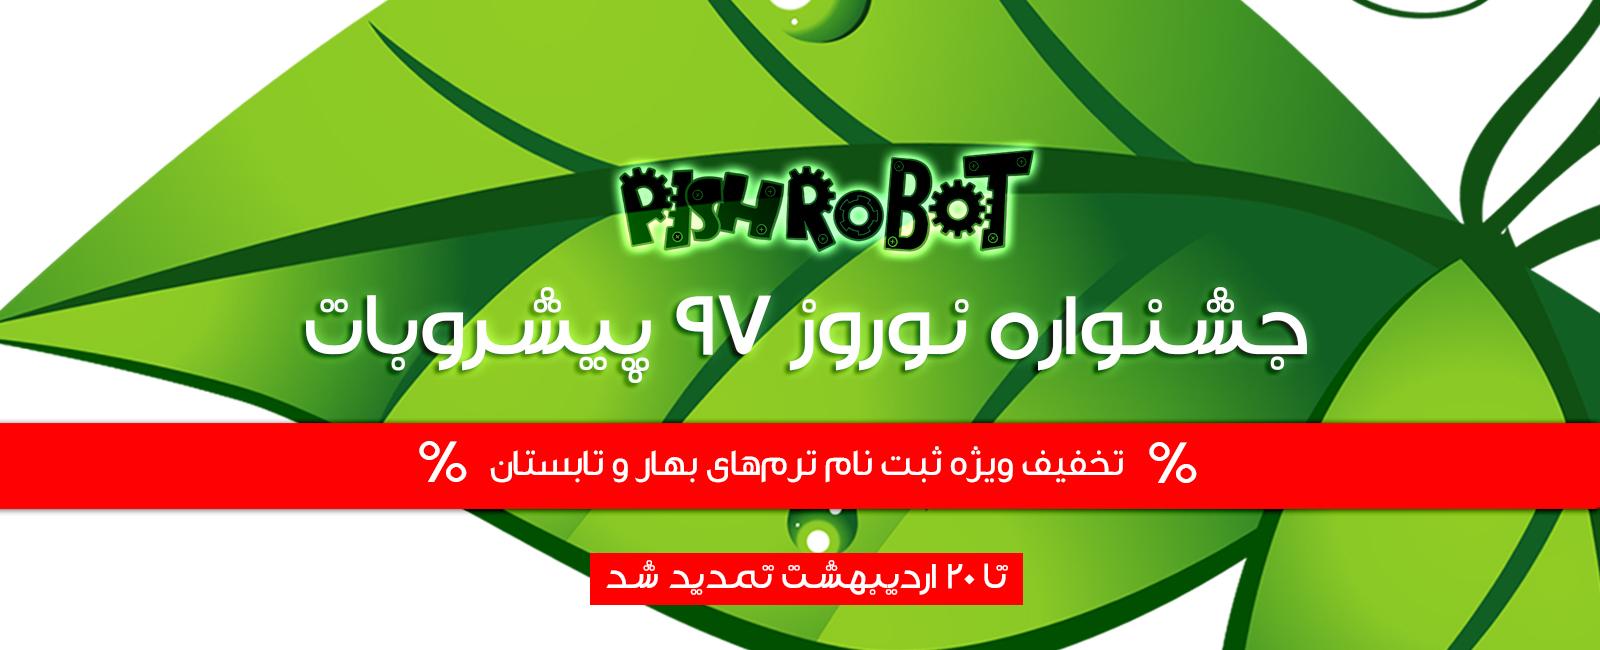 پیشروبات: محصولات رباتیک، آموزش رباتیک برای تمام سنین | مقدماتی و پیشرفته